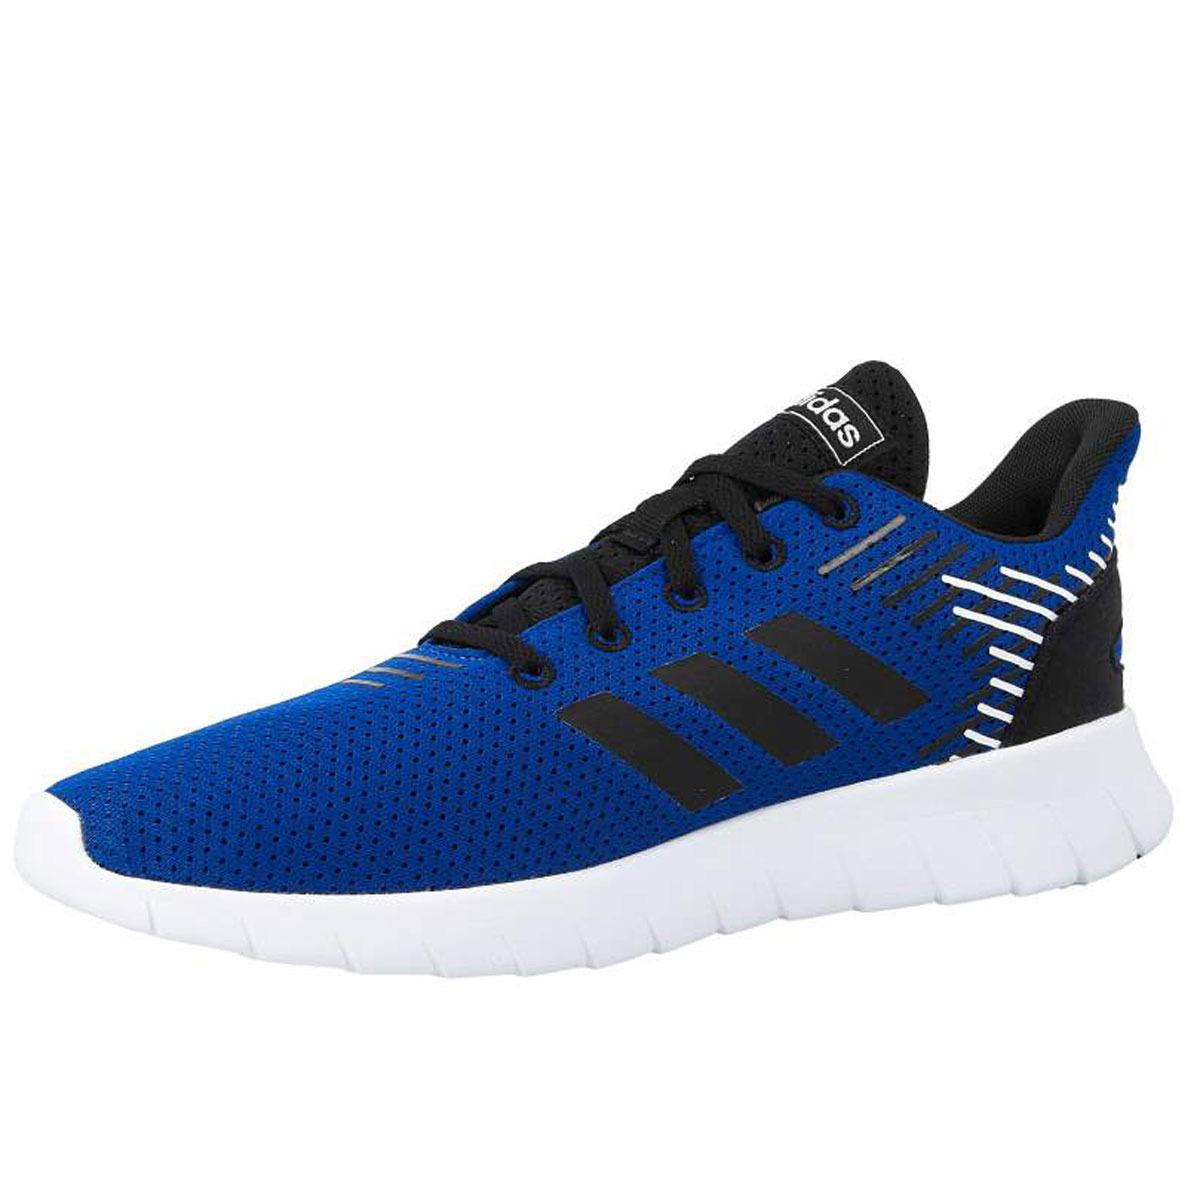 Кроссовки мужские Adidas Asweerun, цвет: голубой. F36996. Размер 7,5 (40)F36996